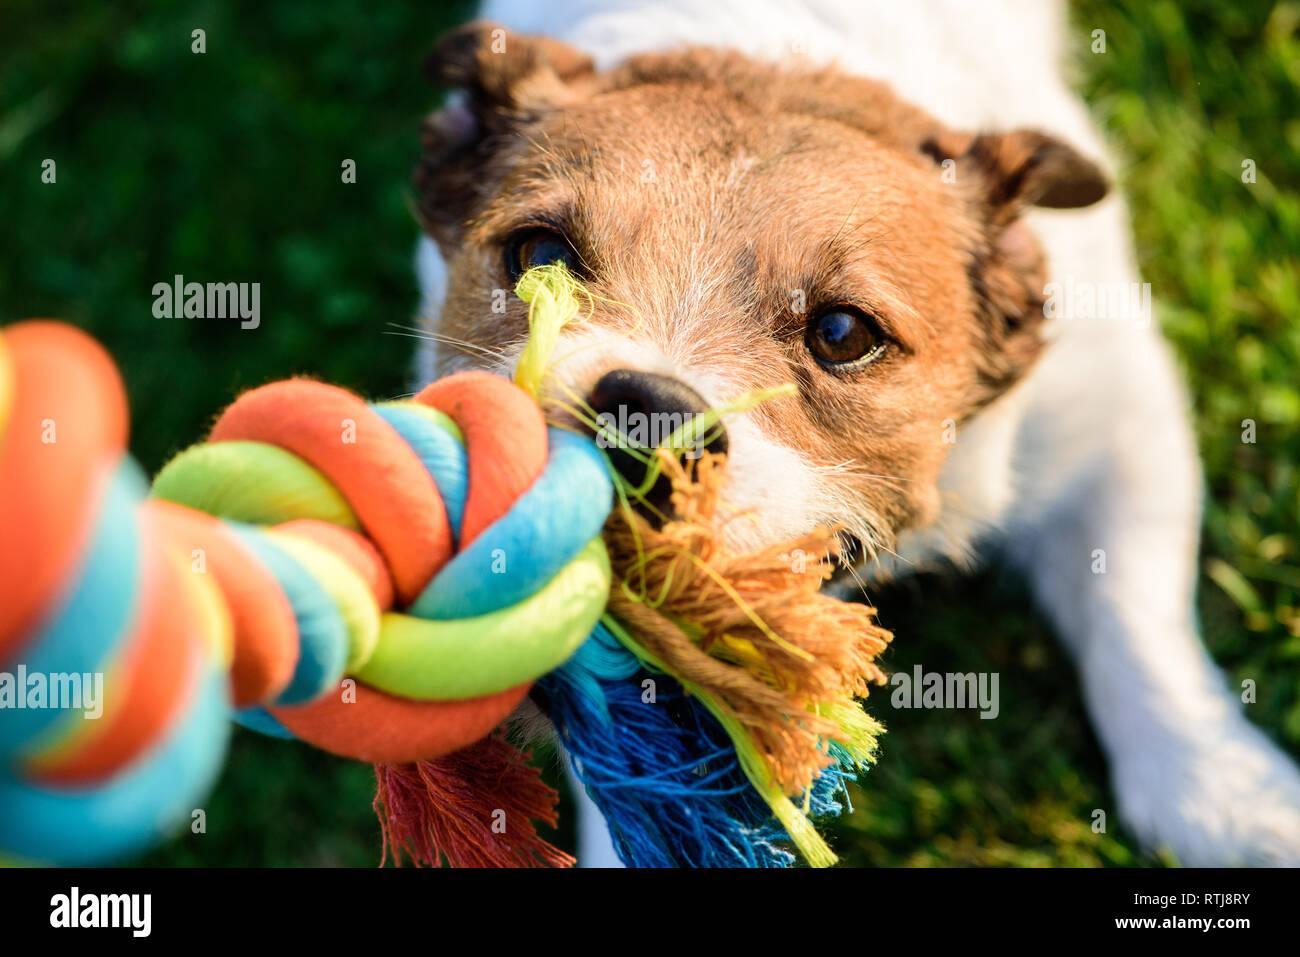 La mastication tire chien jouet corde de coton coloré Photo Stock